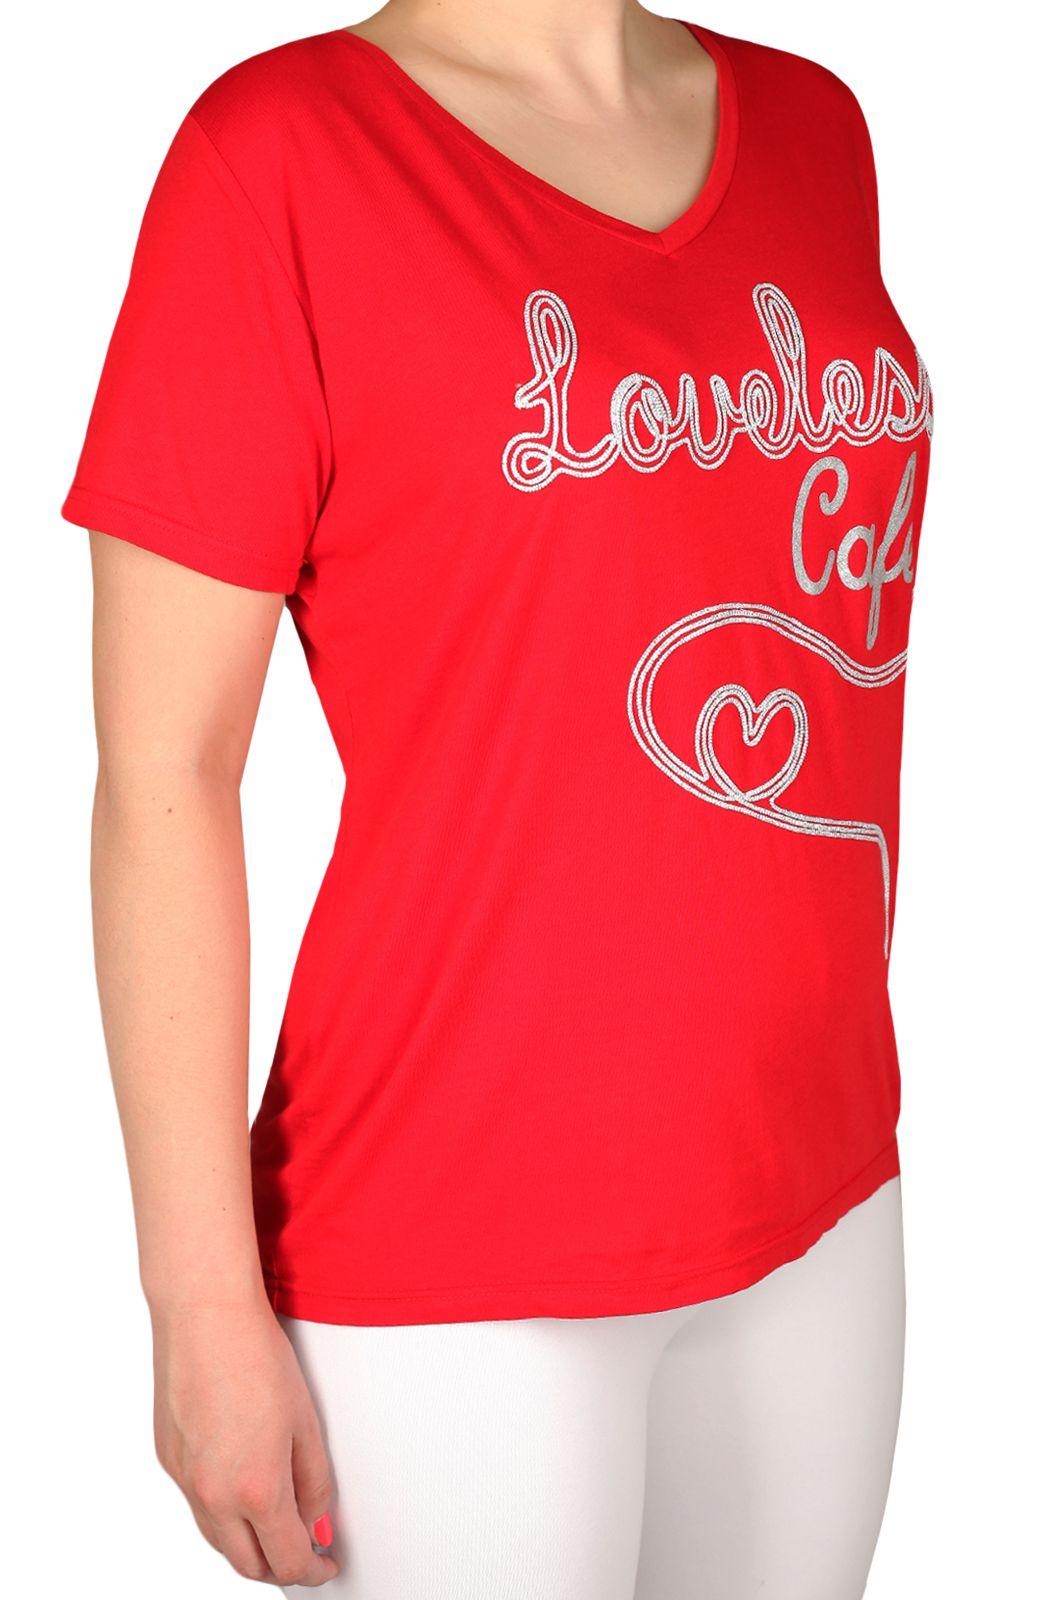 Яркая женская футболка от бренда Loveless Cafe